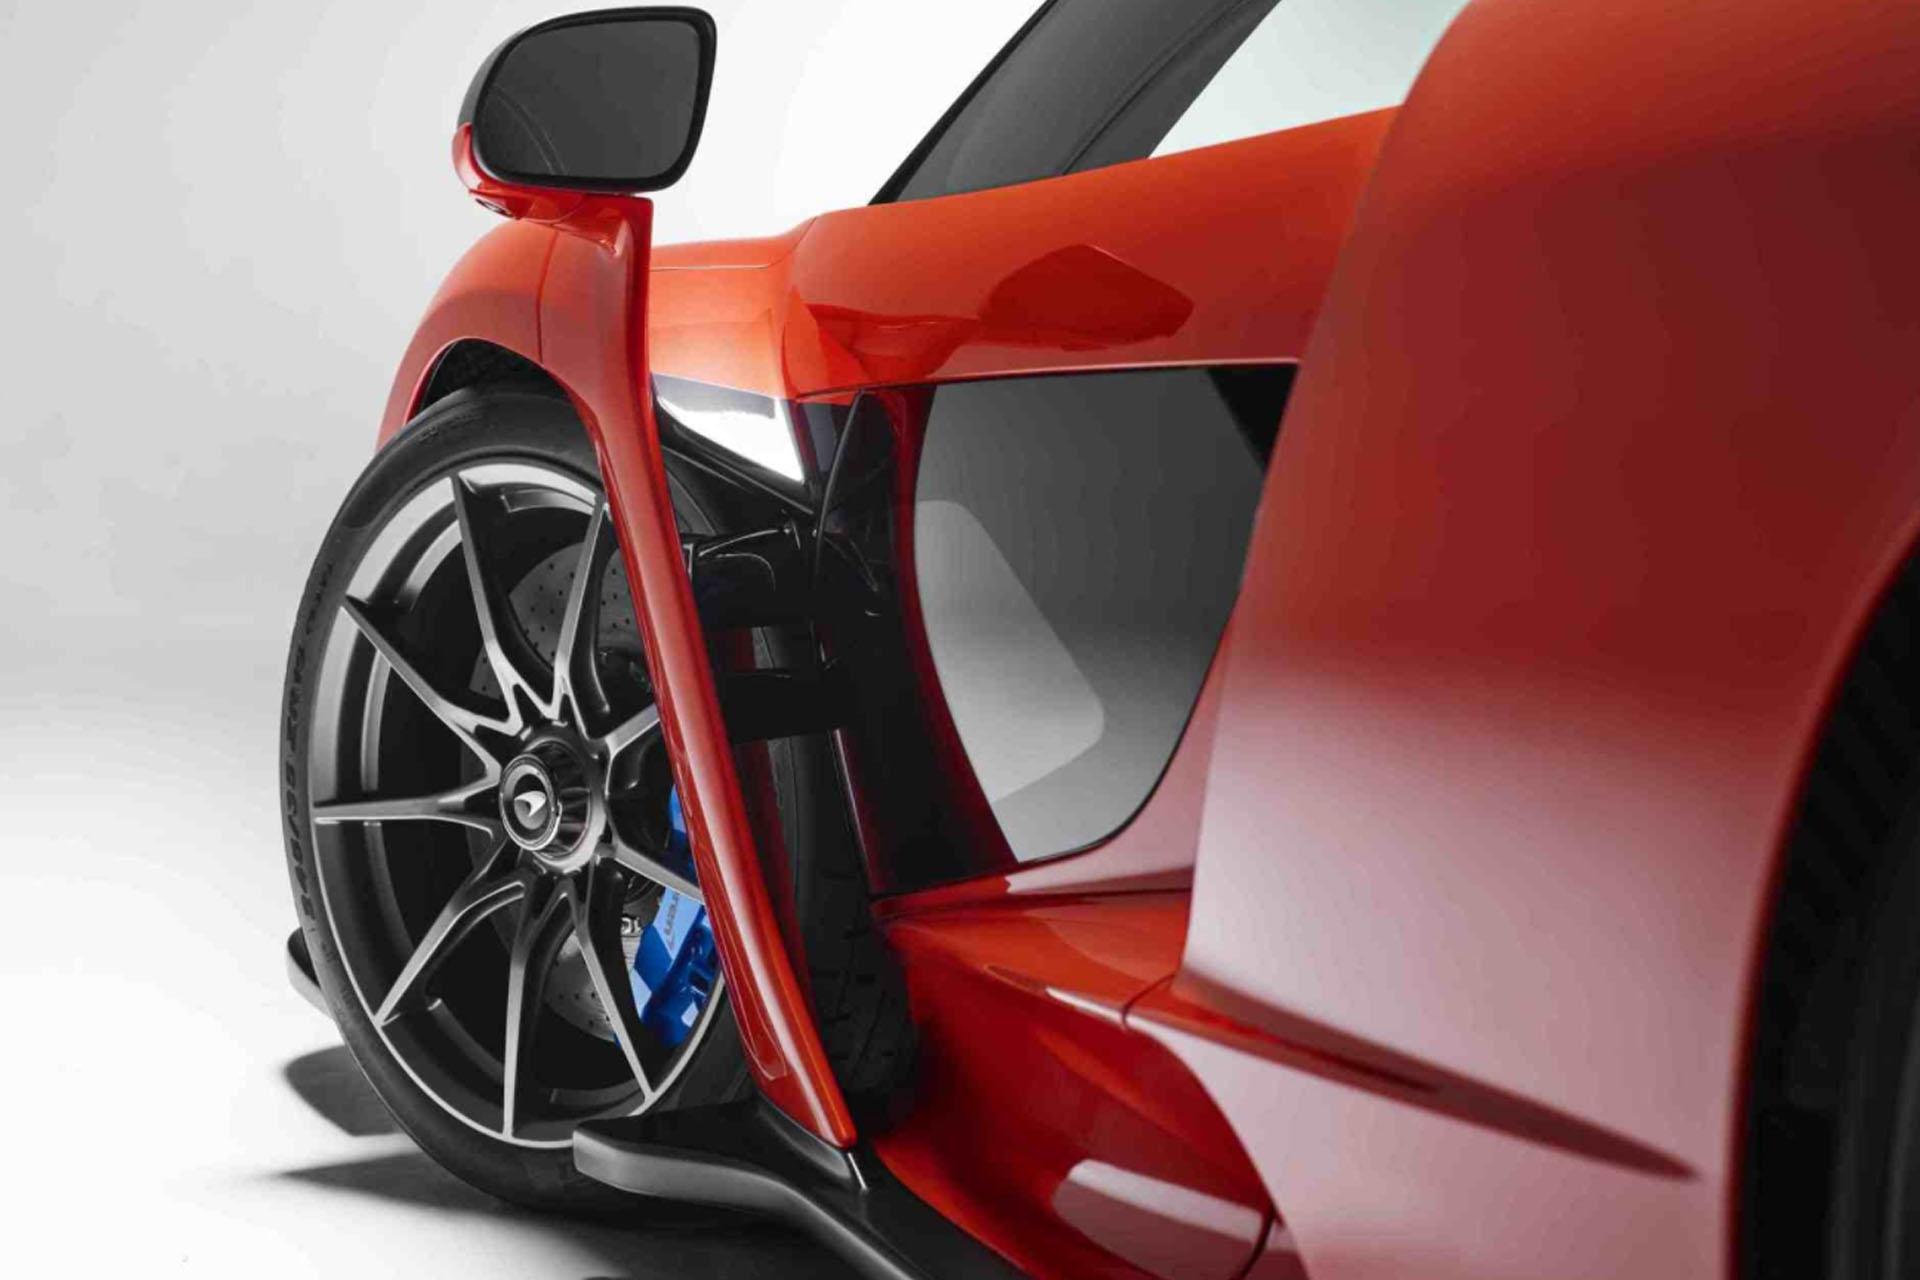 Su coeficiente aerodinámica en una de las principales virtudes de este deportivo. El diseño macro está gobernado por canales, túneles y tomas de aire que trazan sobre la carrocería un atractivo juego visual. Su alta funcionalidad aerodinámica se compone de líneas con una única misión: mantener el deportivo pegado al suelo